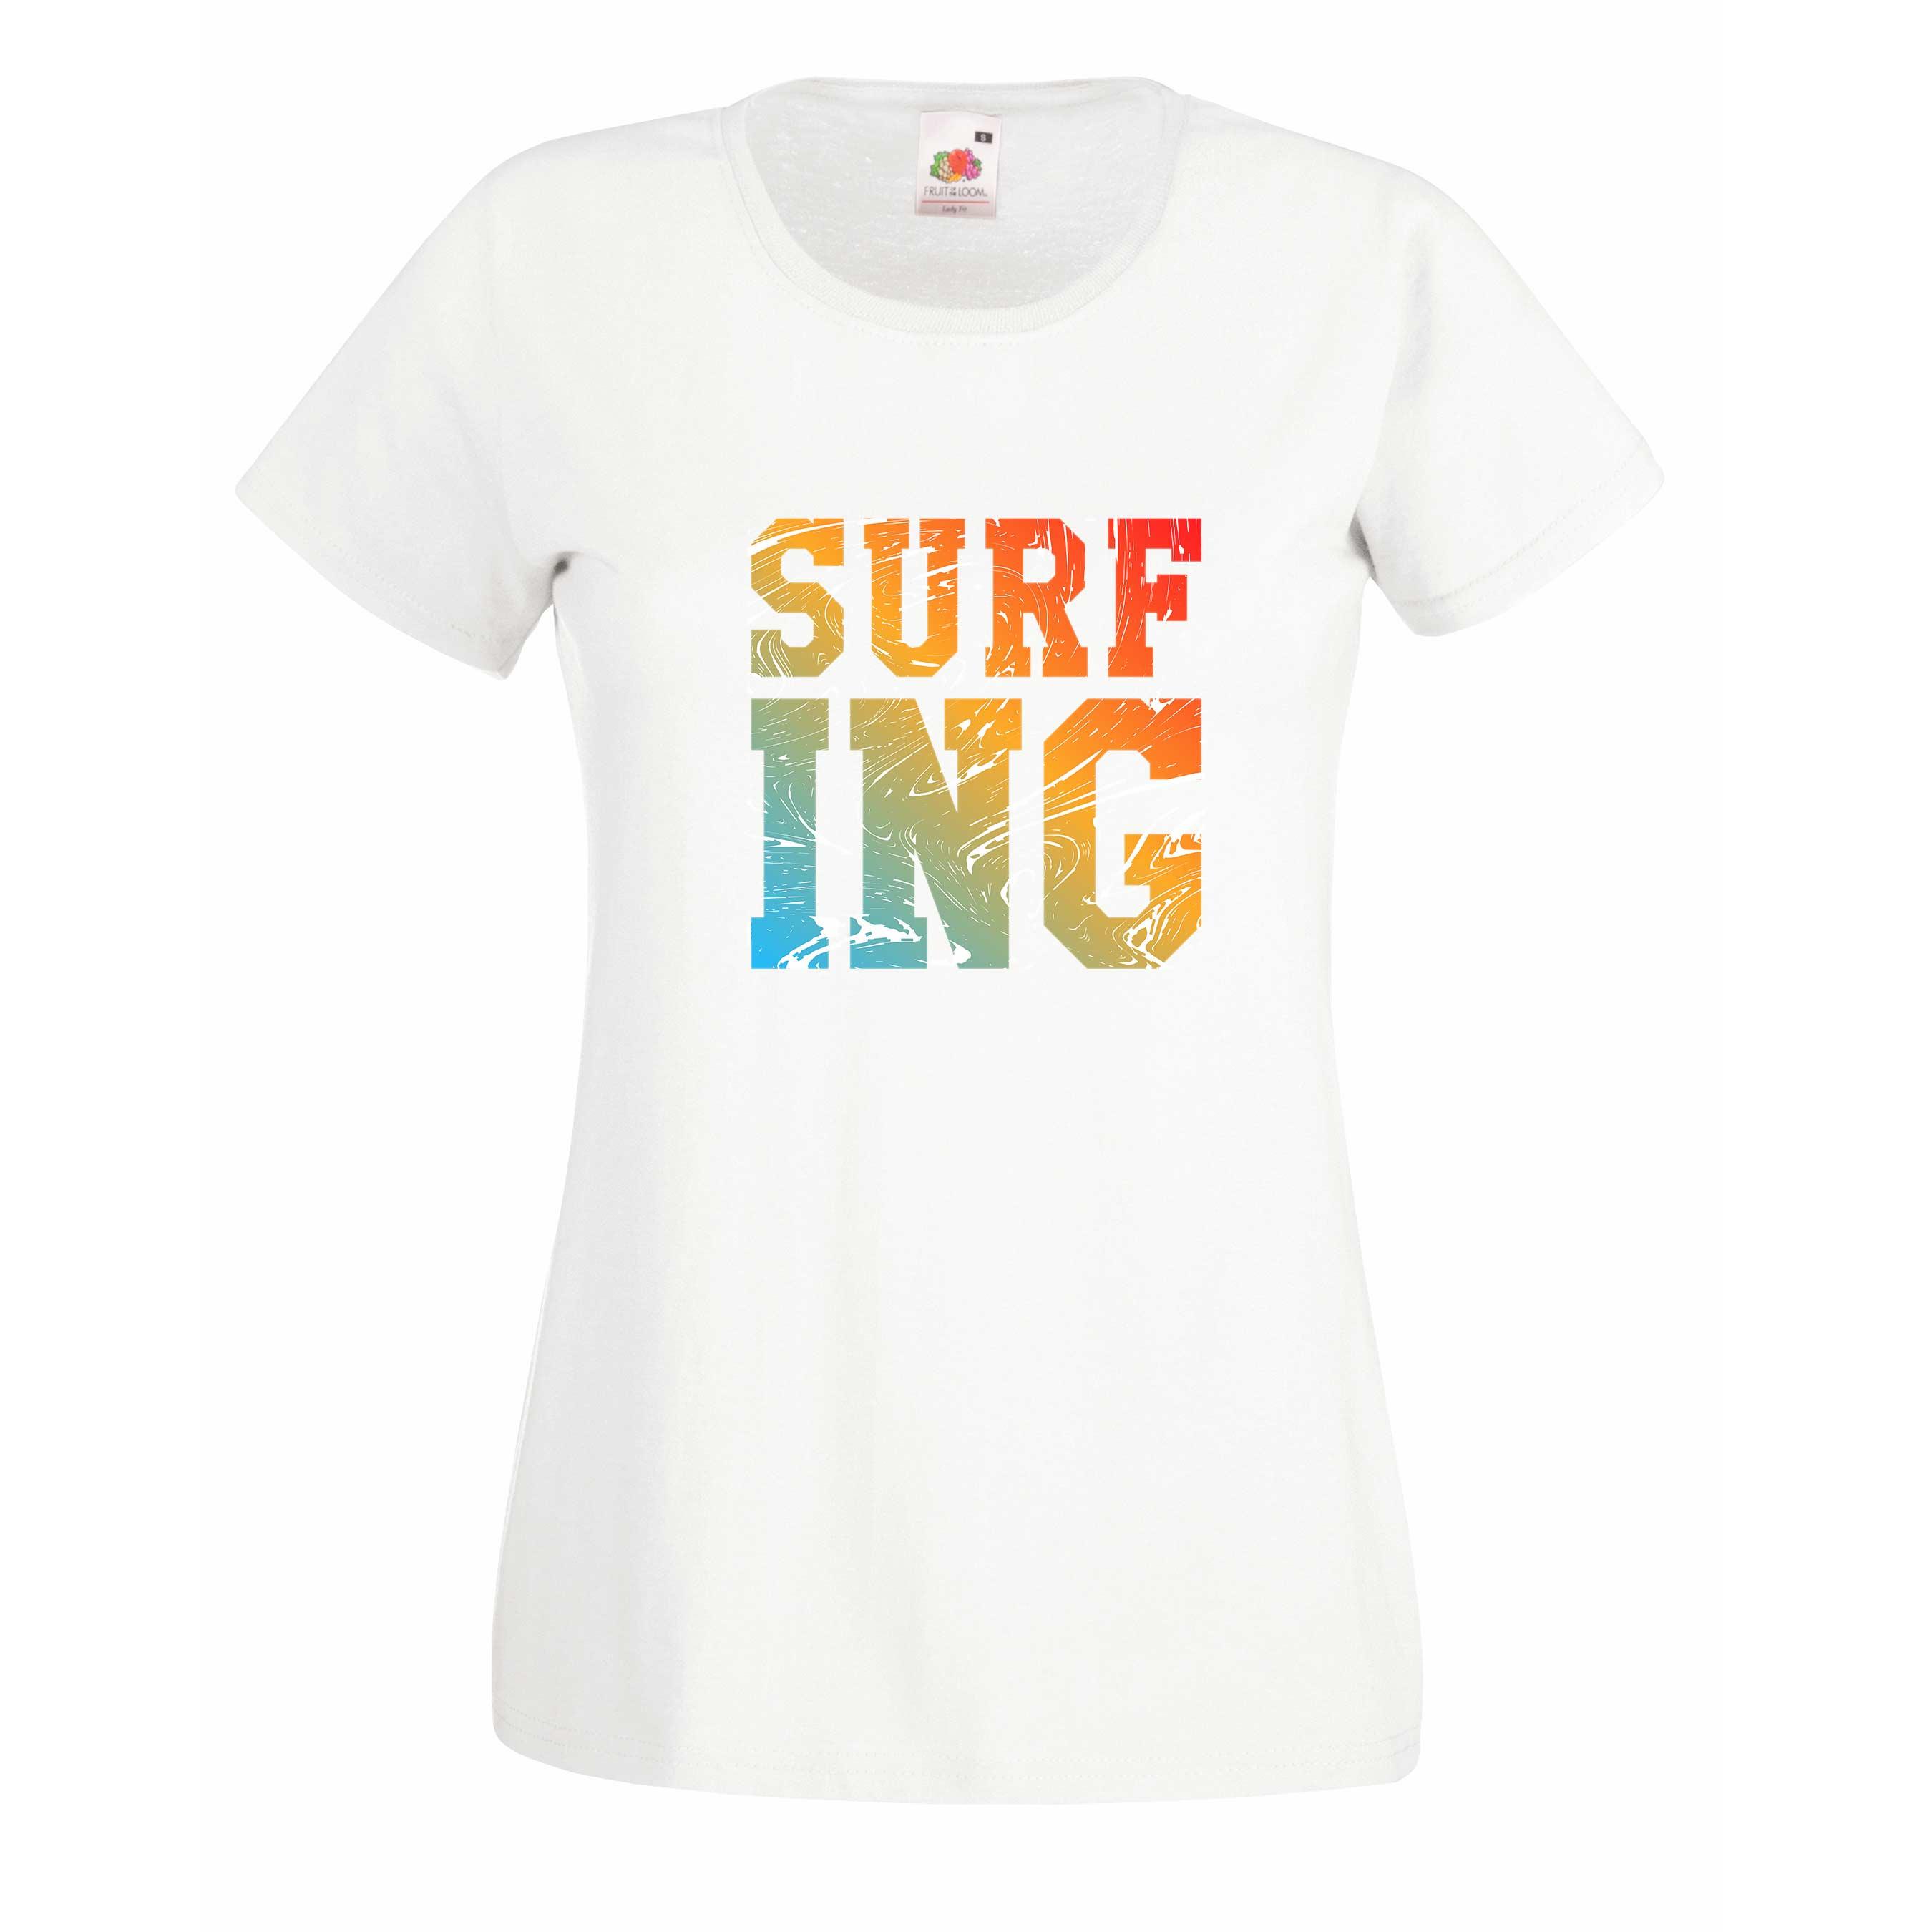 Surf-ing design for t-shirt, hoodie & sweatshirt